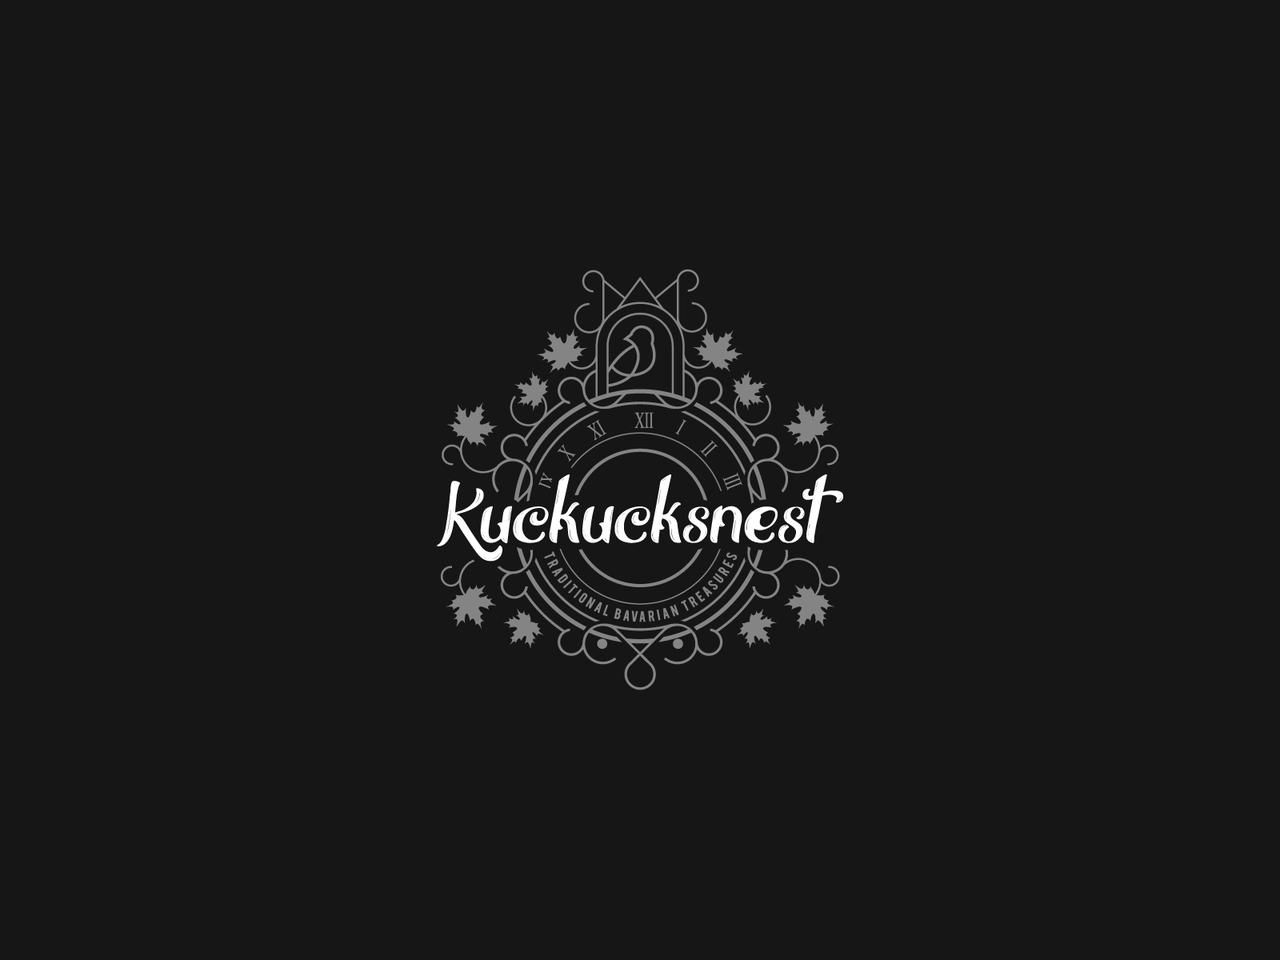 Kuckucksnest Logo design